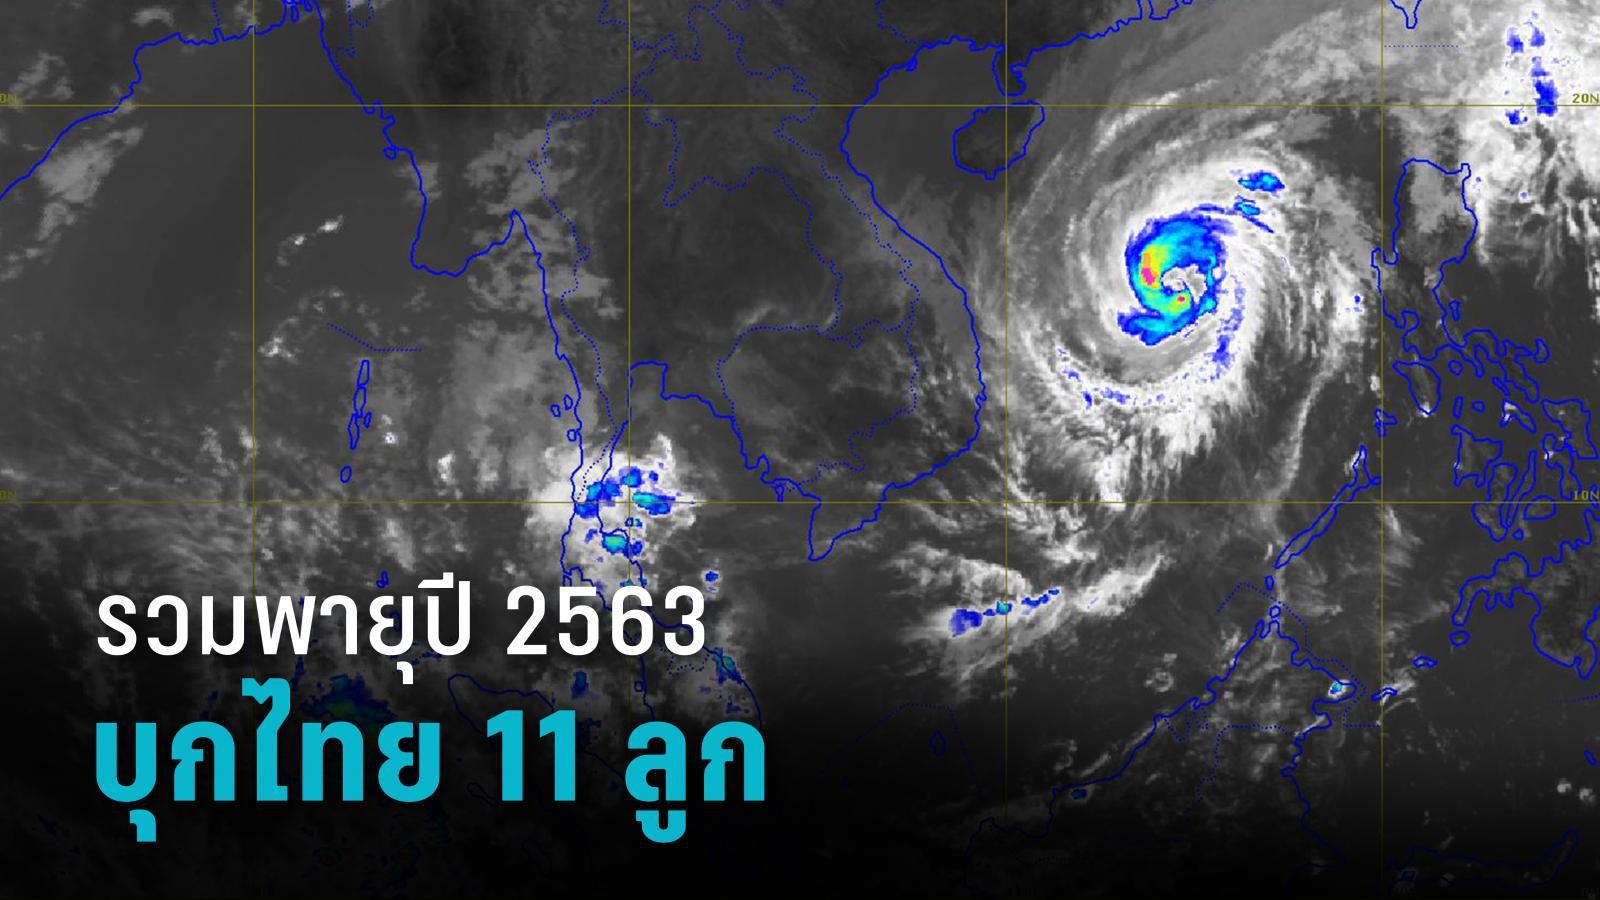 ปีนี้ฝนชุก? รวมพายุปี 2563 บุกไทย 11 ลูก